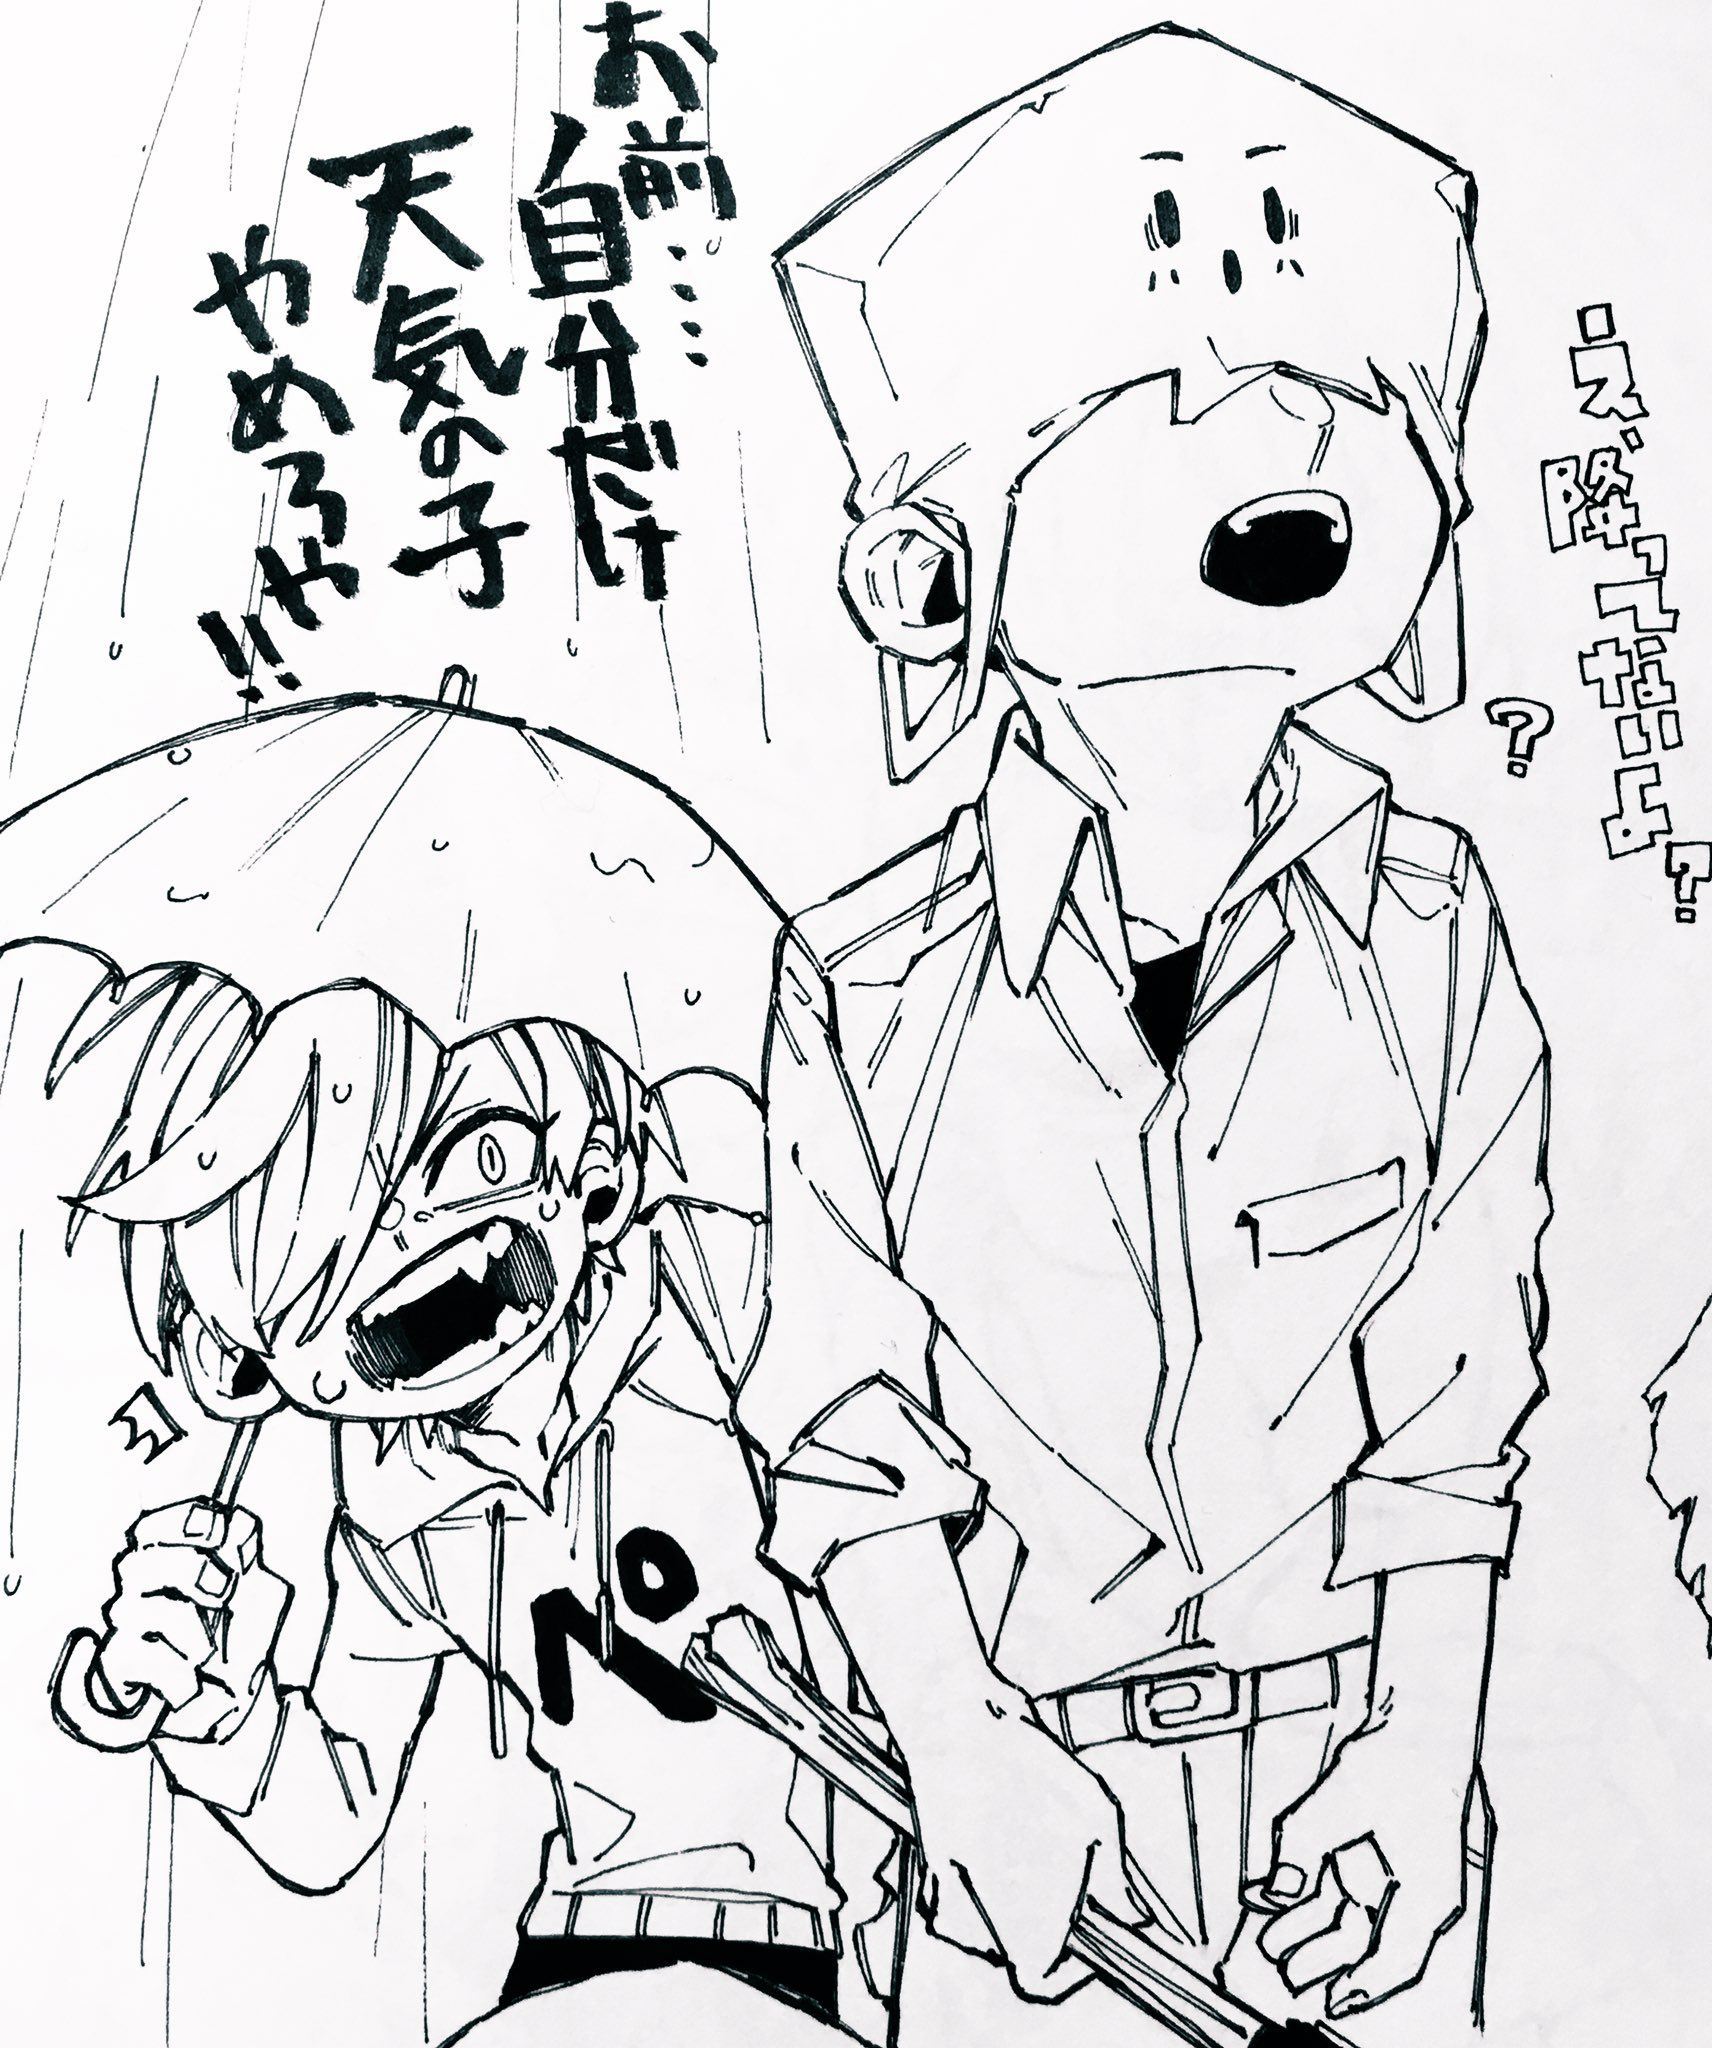 茶太郎 on Twitter in 2020 Really cool drawings, Drawing